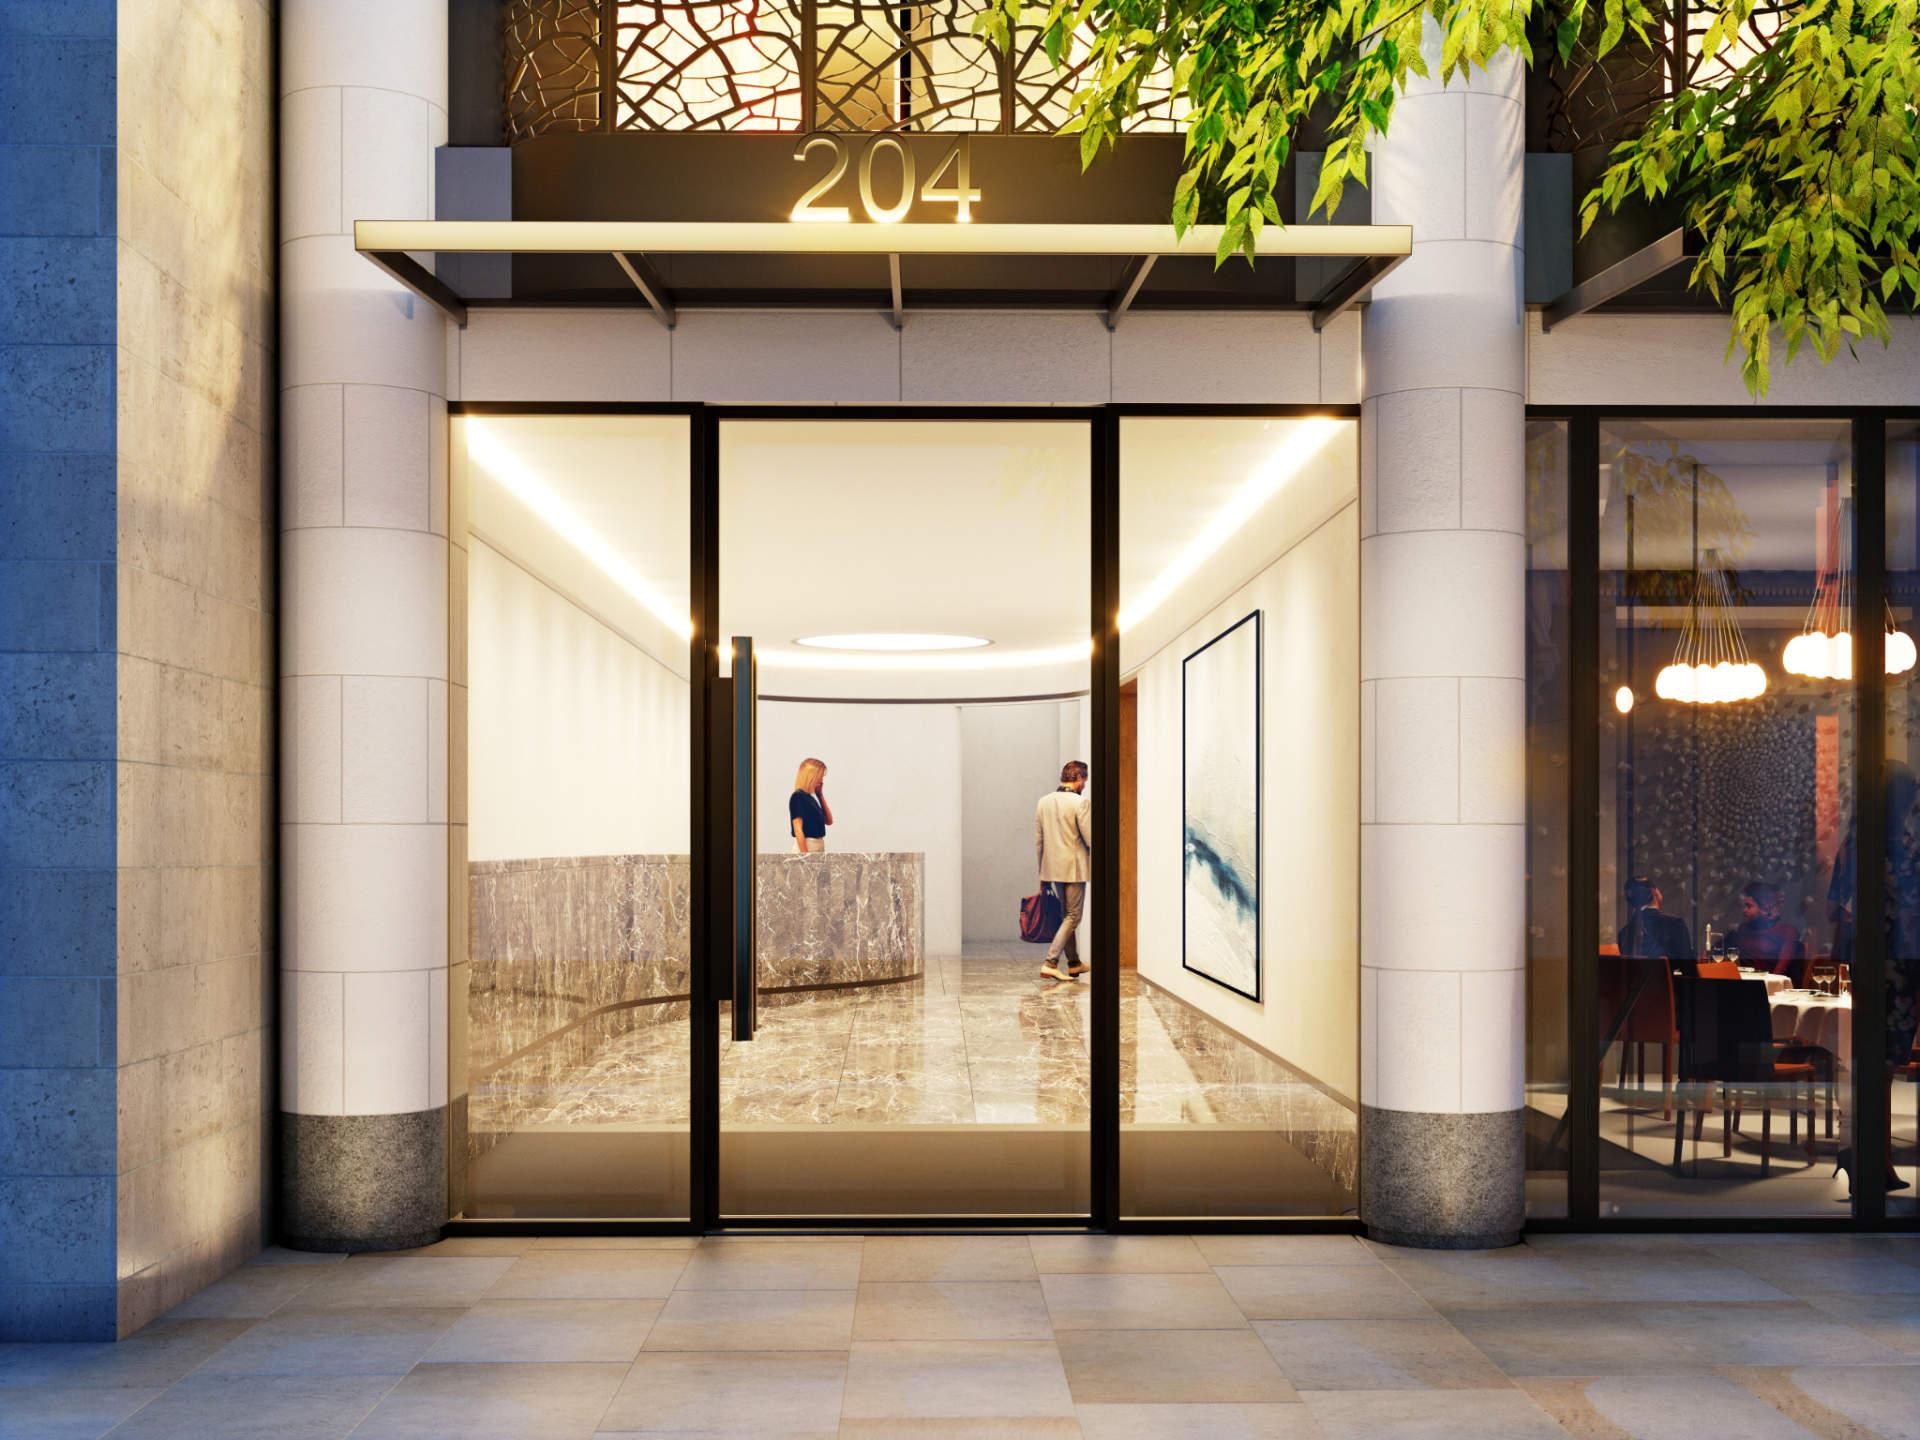 Wizualizacje budynku mieszkalnego na Great Portland Street - widok na recepcję budynku